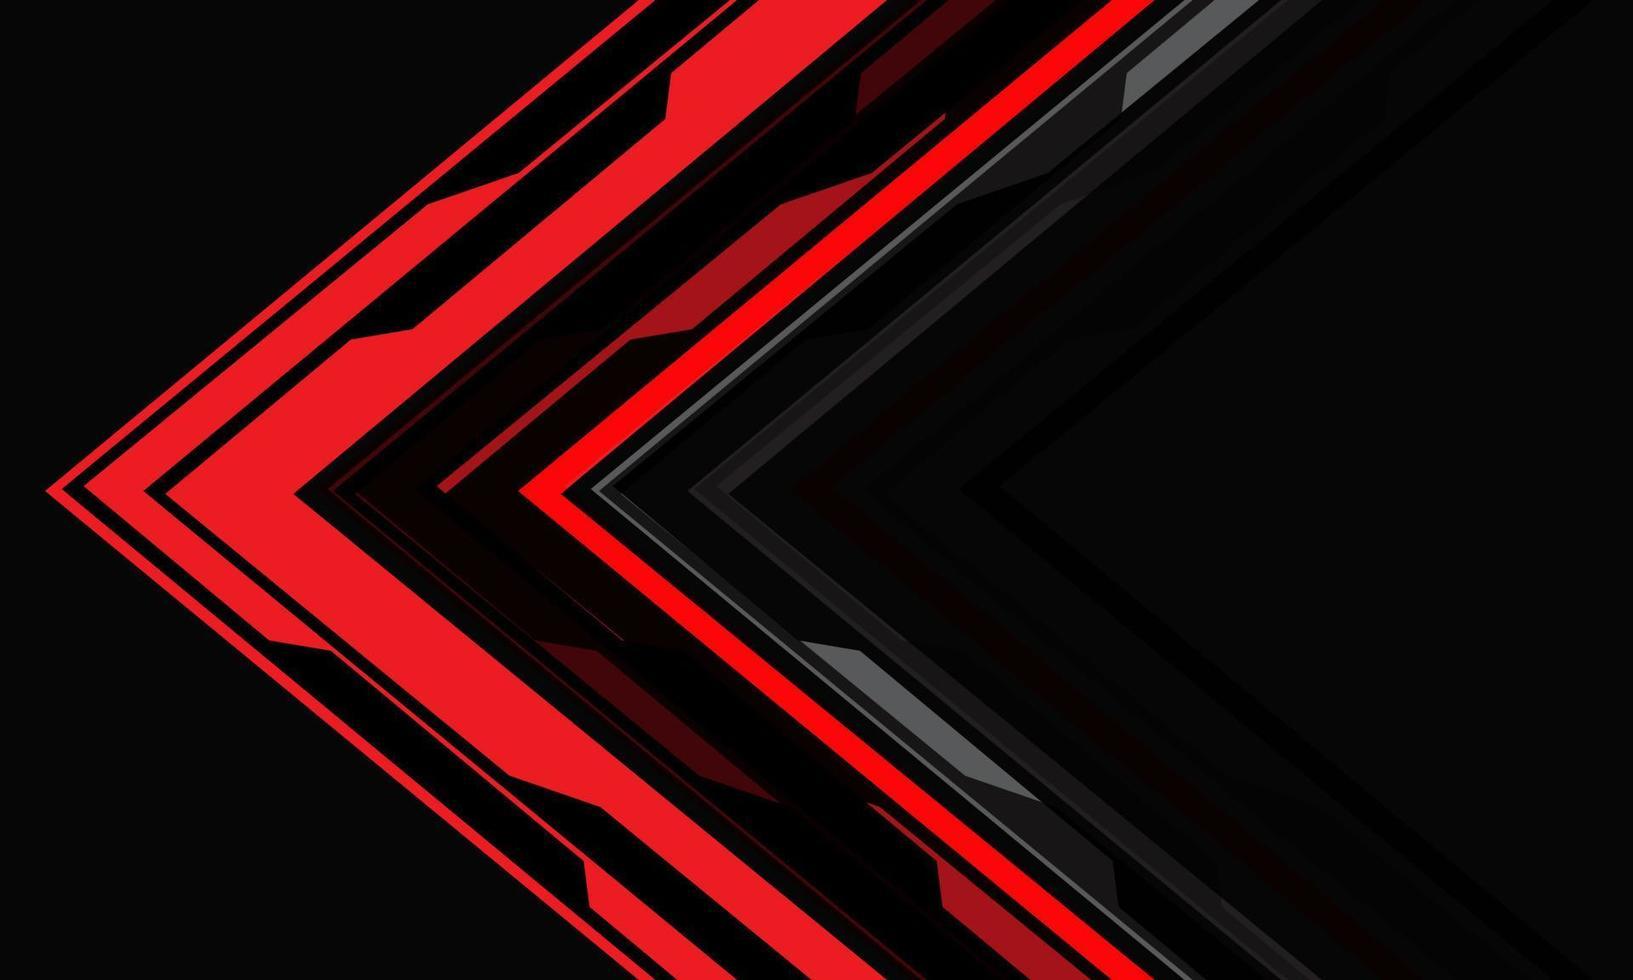 direção da seta cibernética vermelha abstrata geométrica em cinza com espaço em branco design de tecnologia moderna futurista de fundo vector